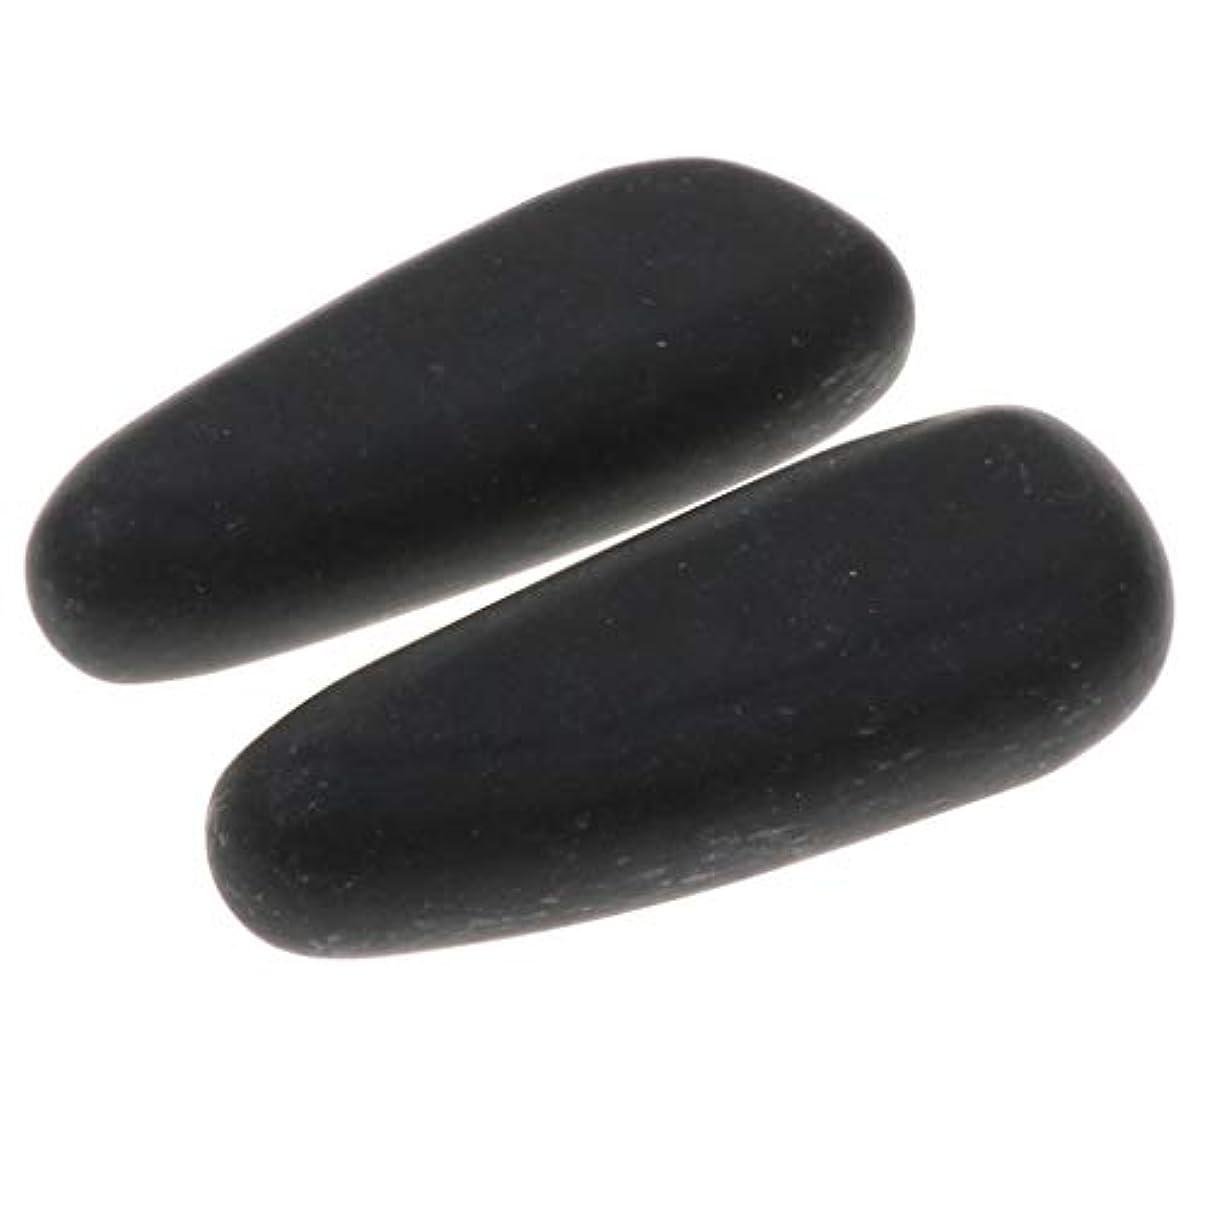 飾る悪夢取るに足らないgazechimp ホットストーン マッサージ石 マッサージストーン 玄武岩 ボディマッサージ 2個 全2サイズ - 8×3.2×2cm